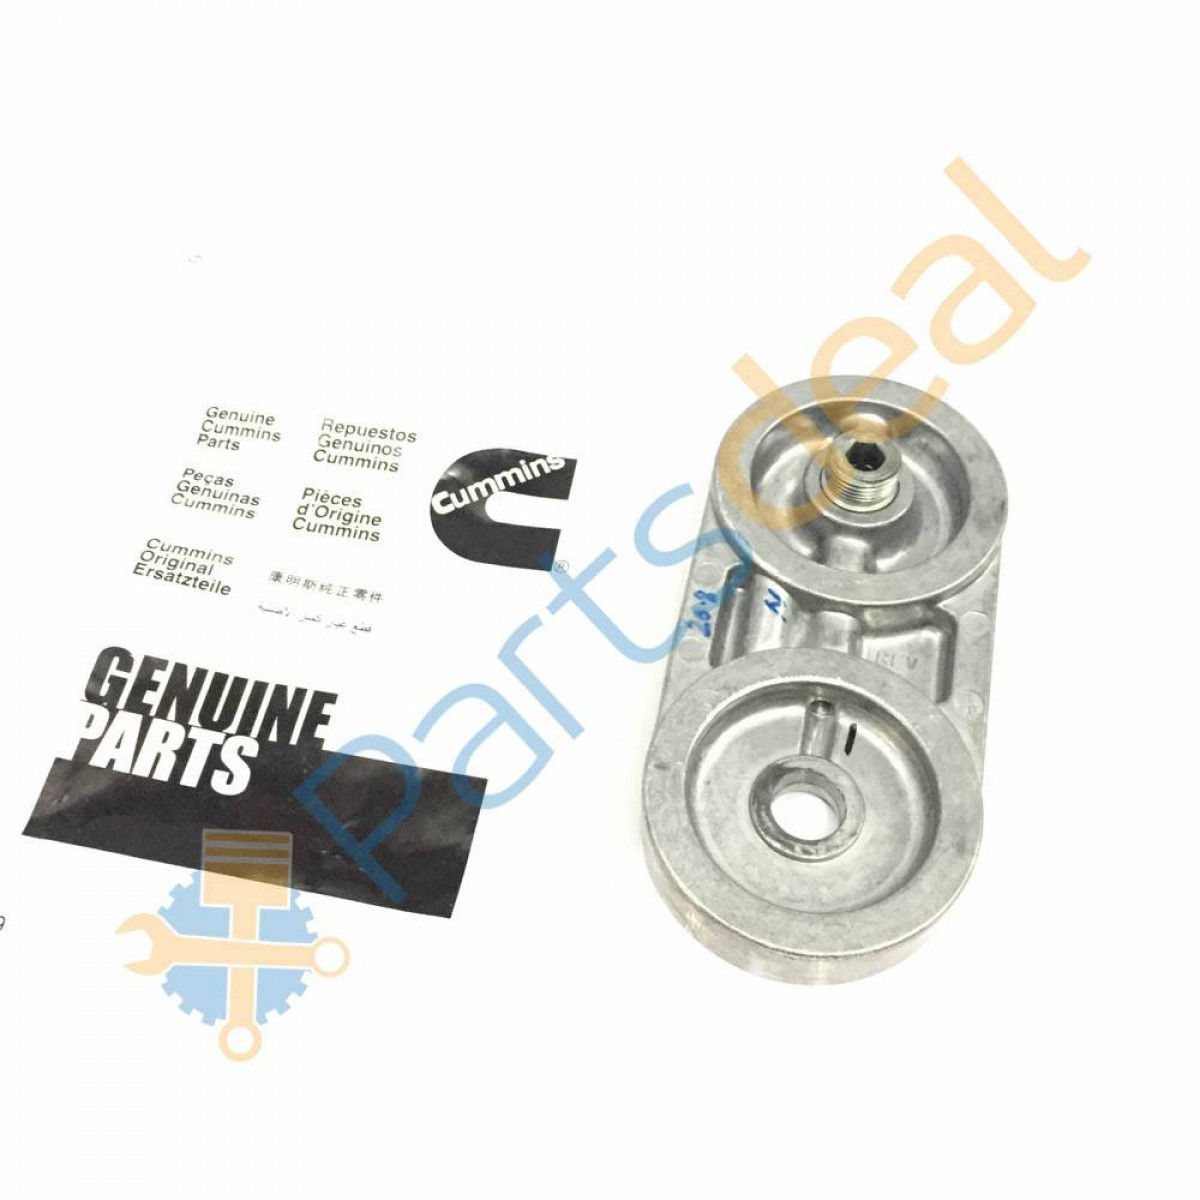 Buy Head Fuel Filter 6 Bt 12v 4989116 Online Partsdeal Cummins